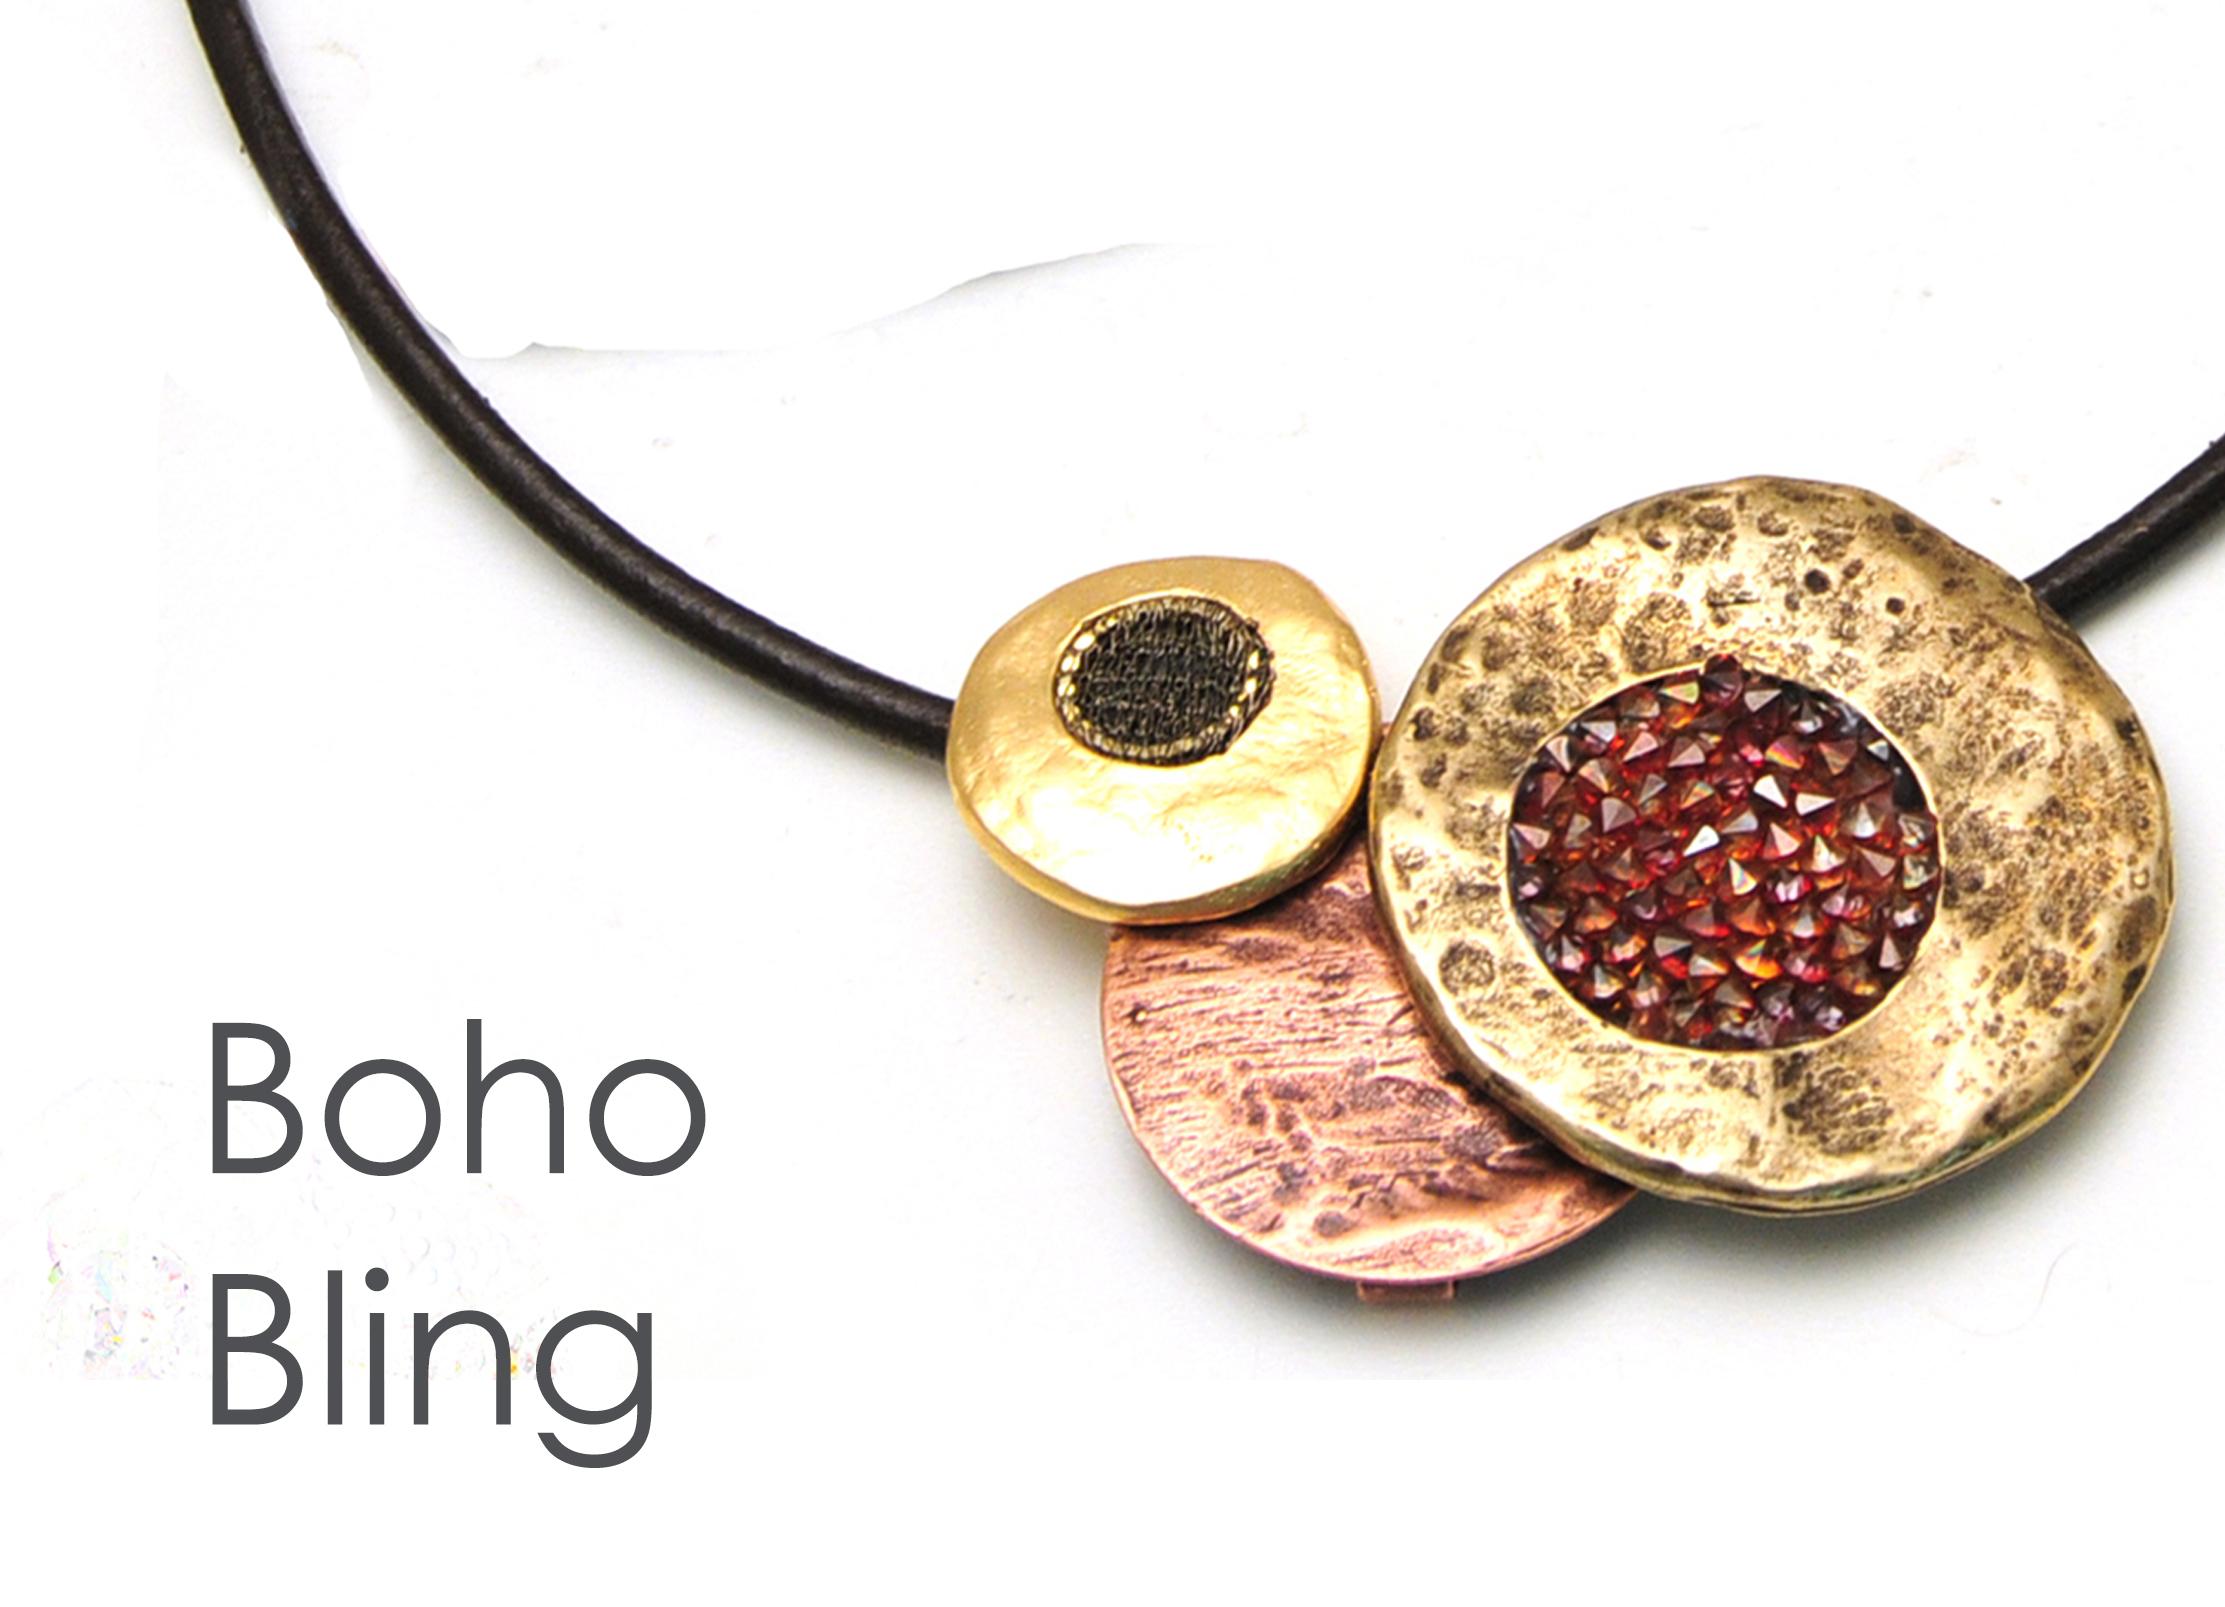 Boho Bling Colleciton